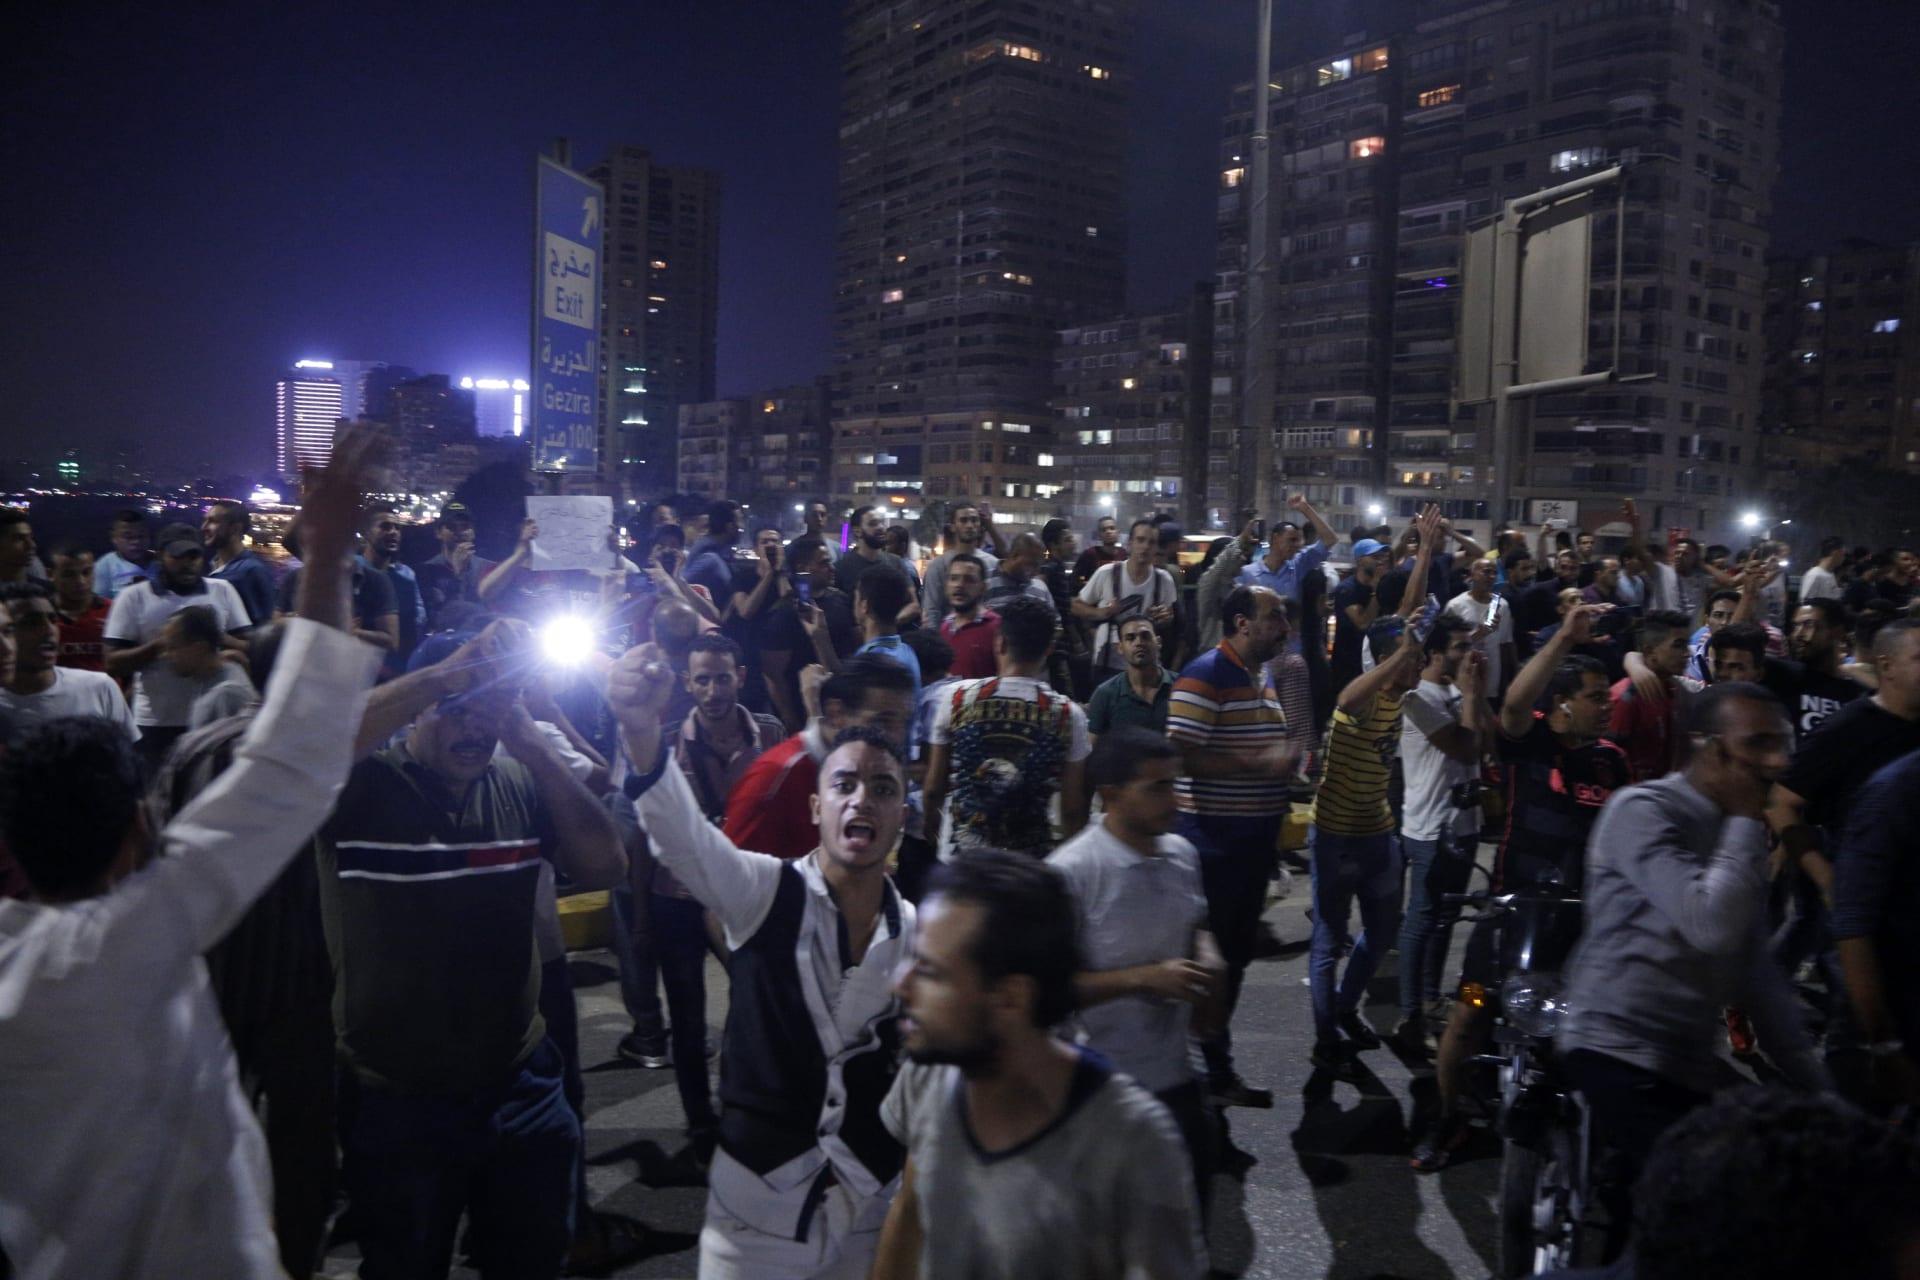 مظاهرات في ميدان التحرير ضد الرئيس المصري عبدالفتاح السيسي